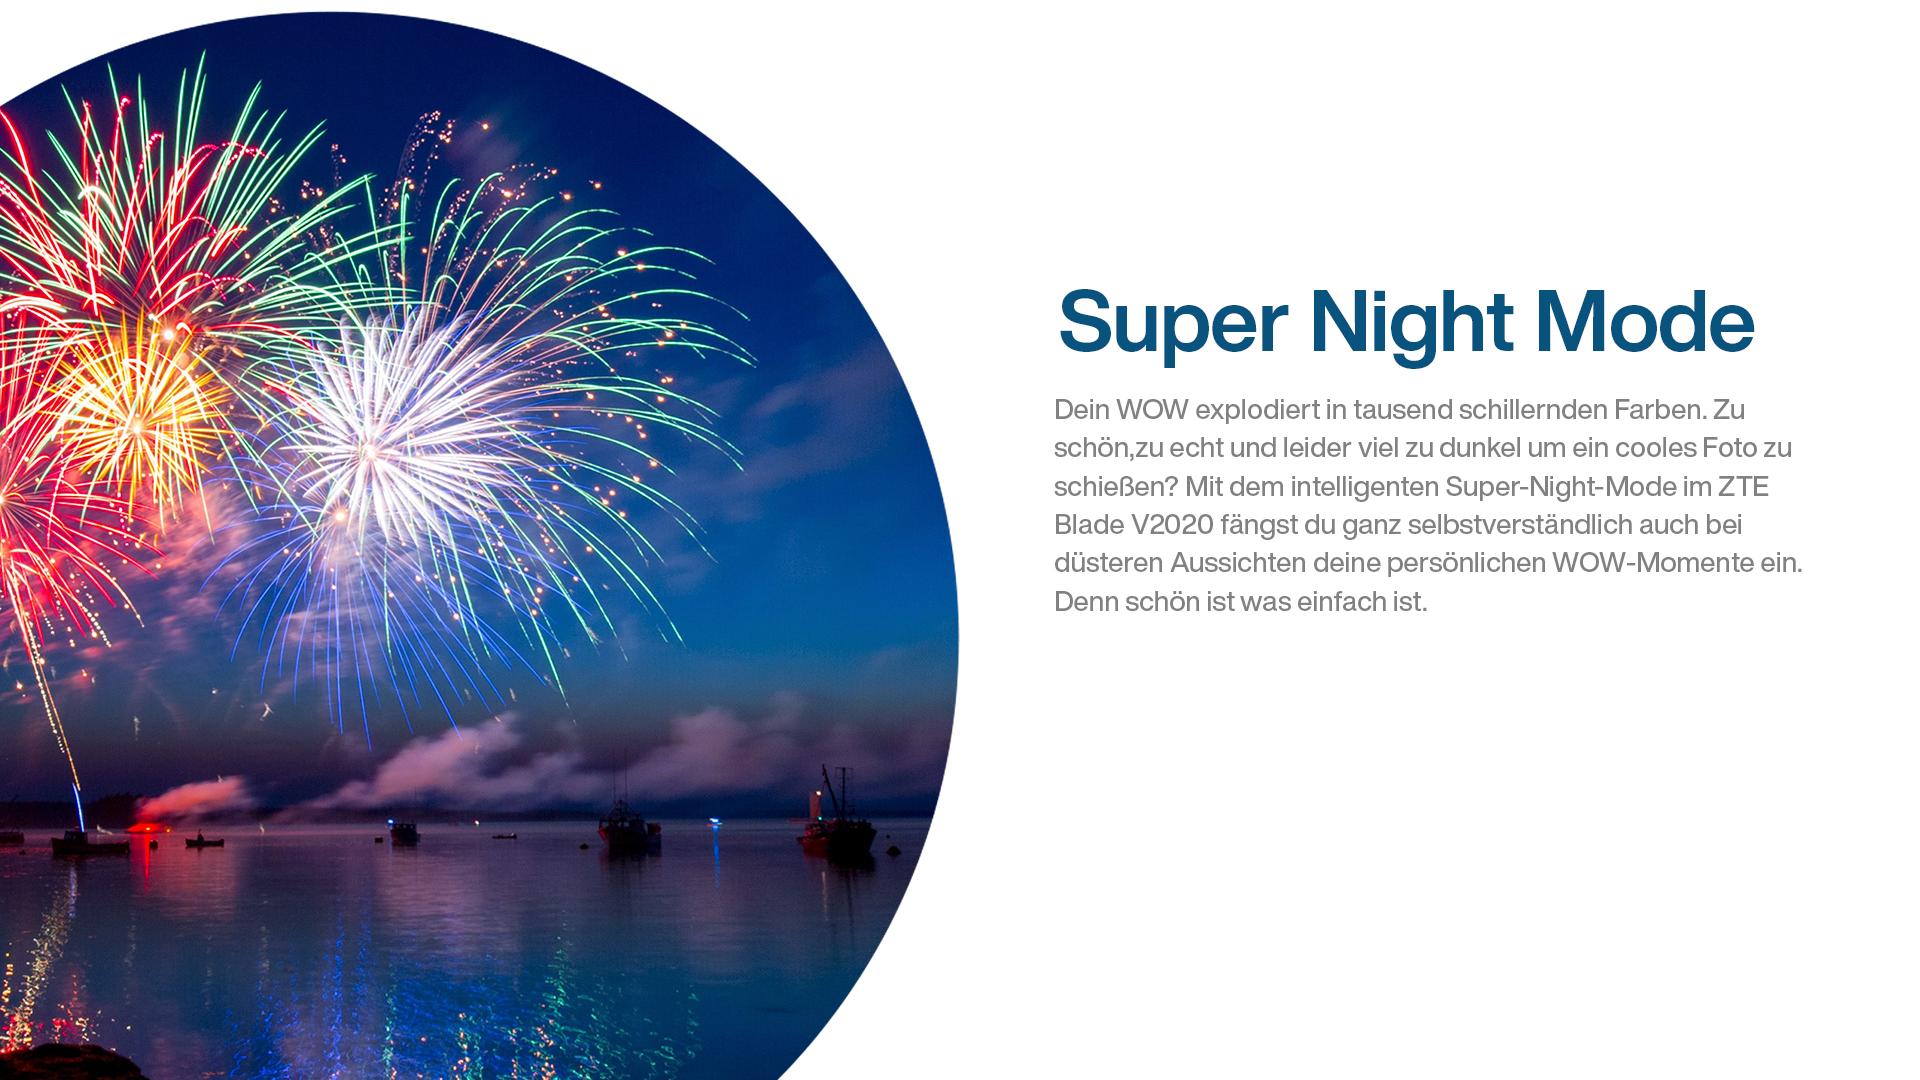 Foto von Feuerwerk bei Nacht